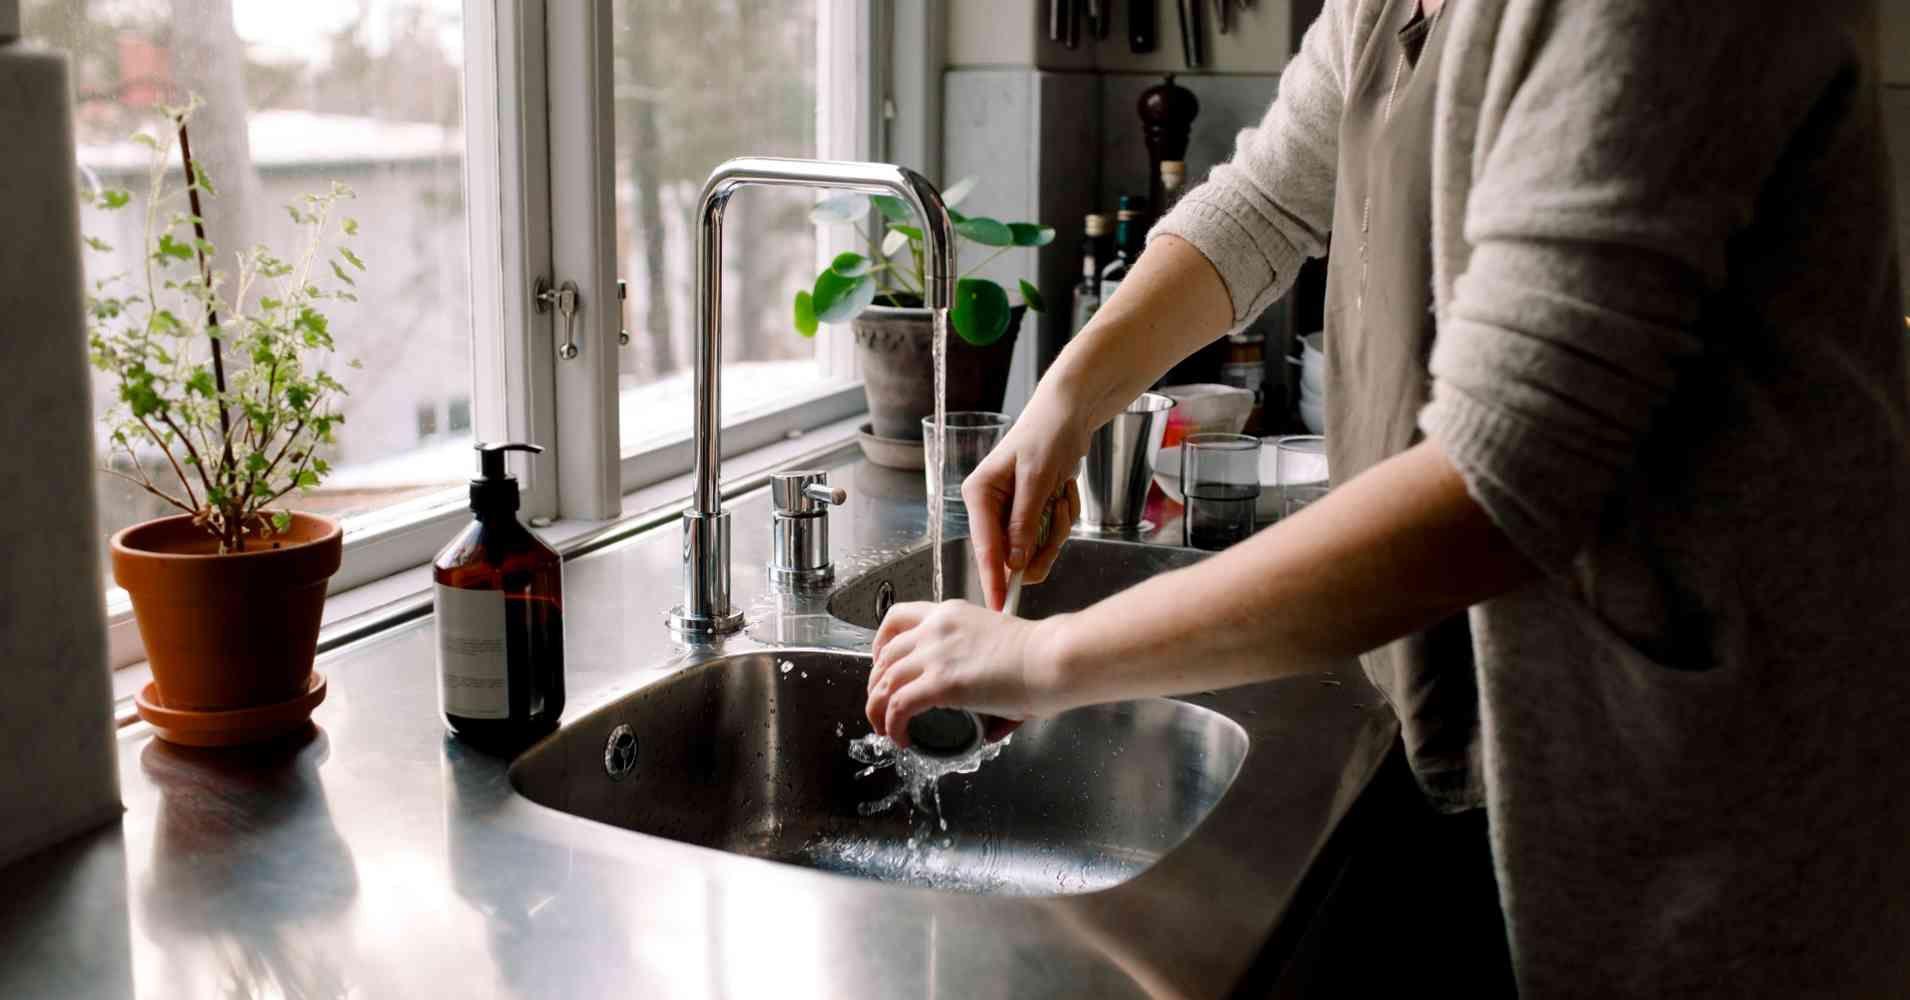 Uble Geruche Aus Dem Abfluss 5 Hausmittel Die Wirklich Helfen Verstopfte Abflusse Abfluss Und Hausmittel